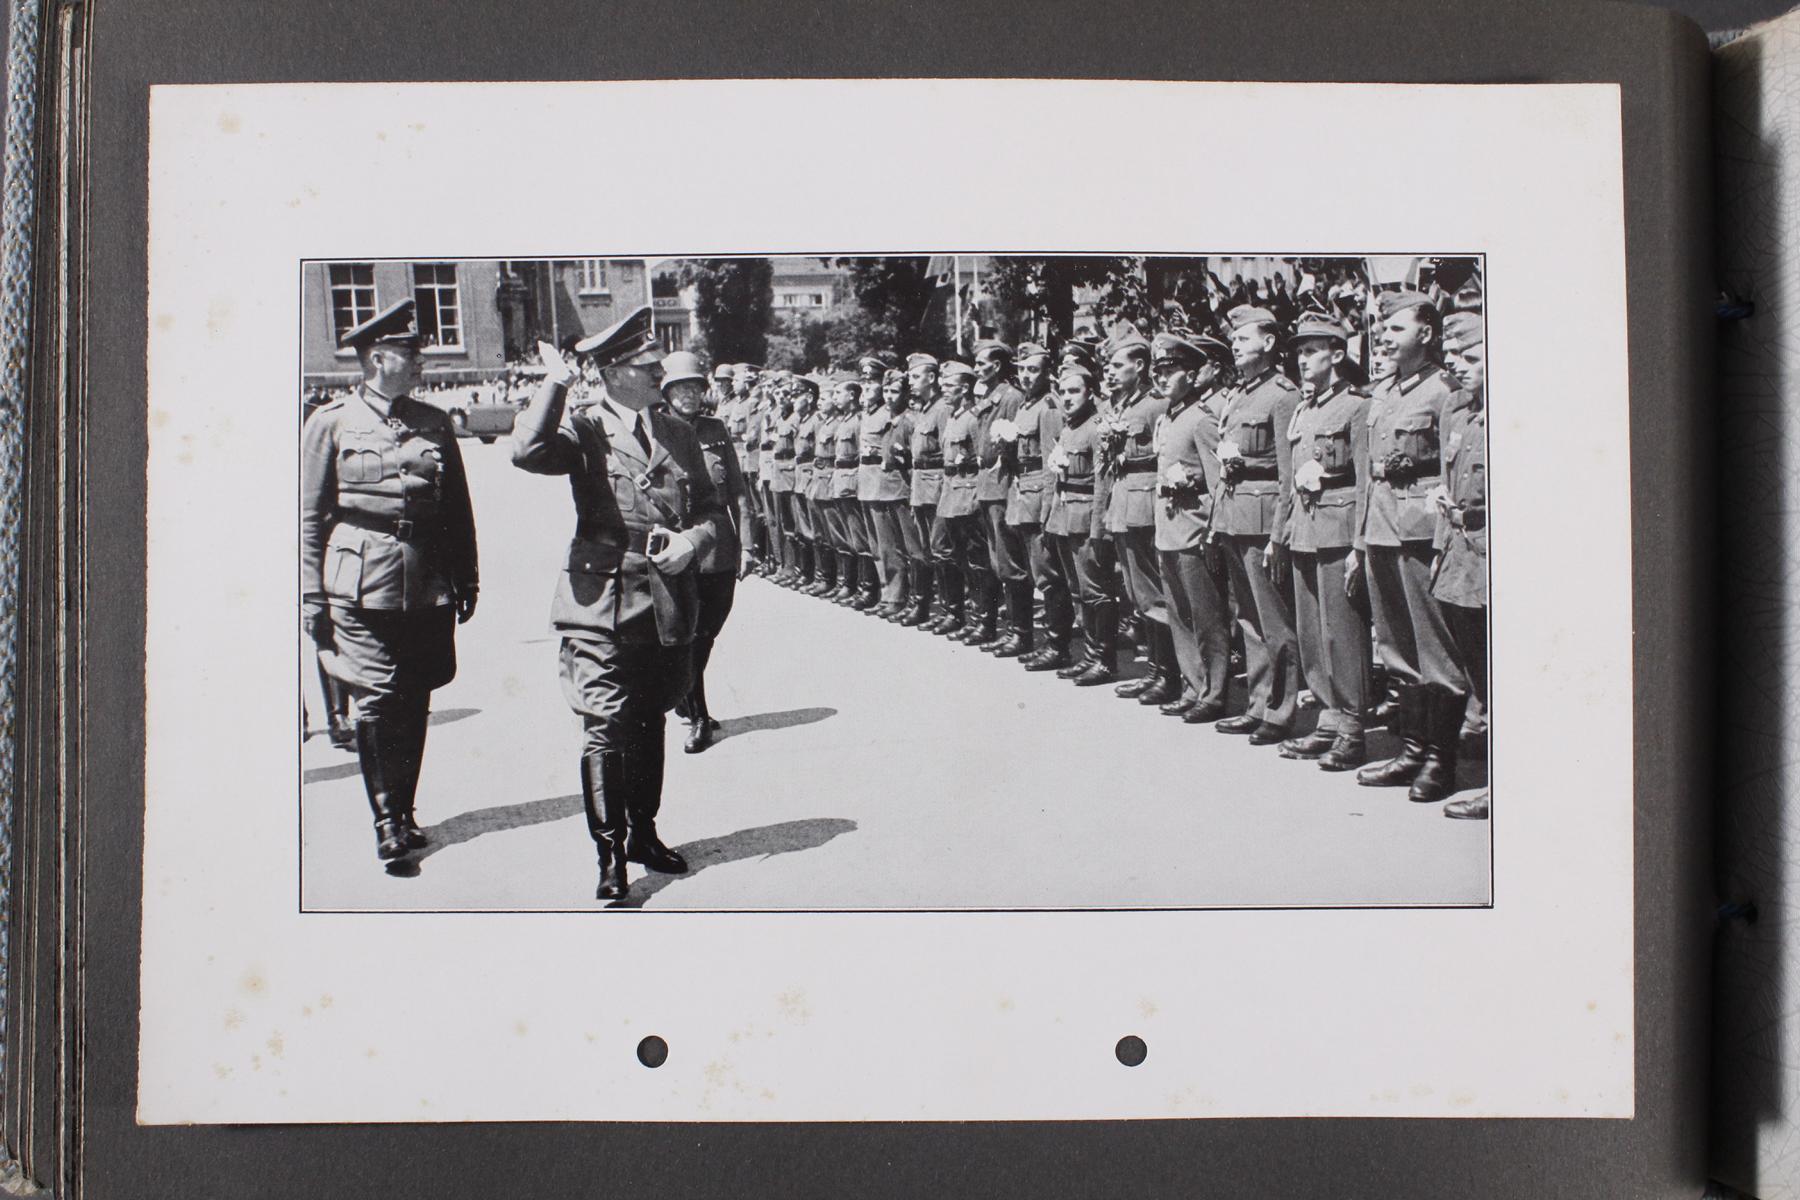 2. WK. Privates Fotoalbum eines Soldaten der 1. Gebirgsdivision-8